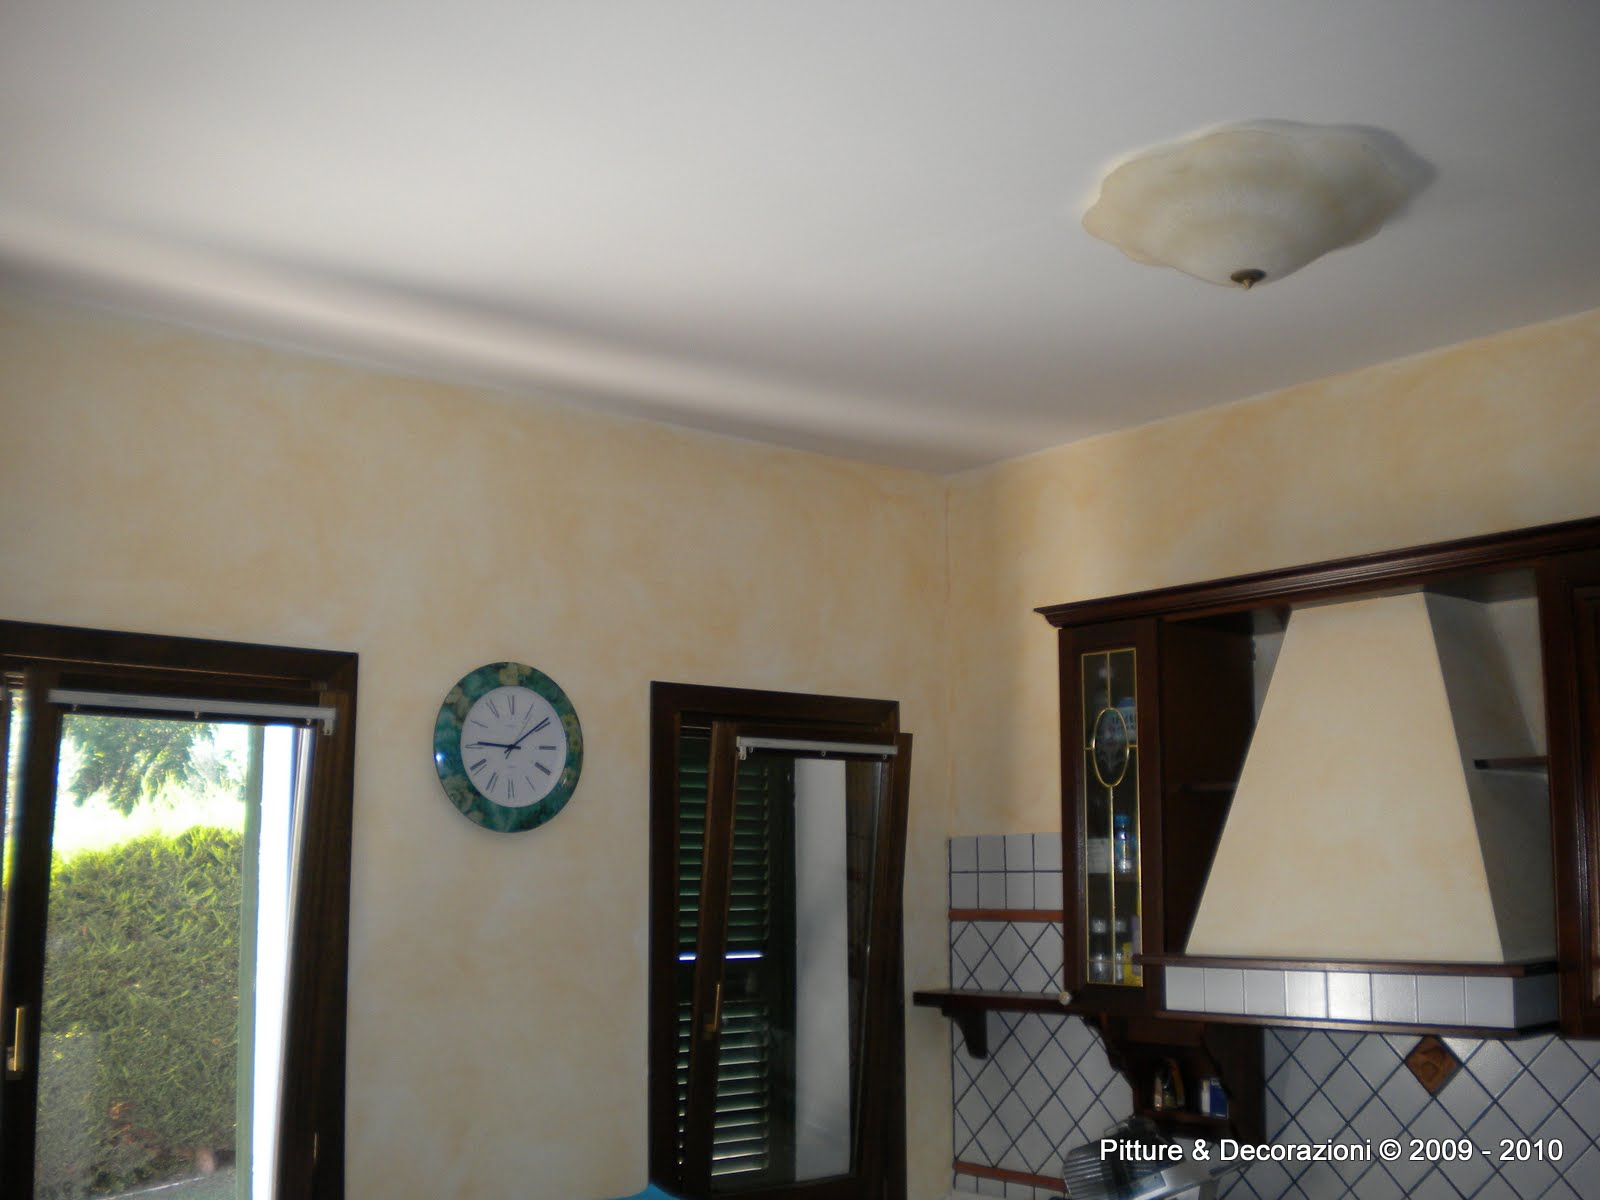 Pitture decorazioni la casa dei sogni giorgio graesan - Blog decorazione interni ...